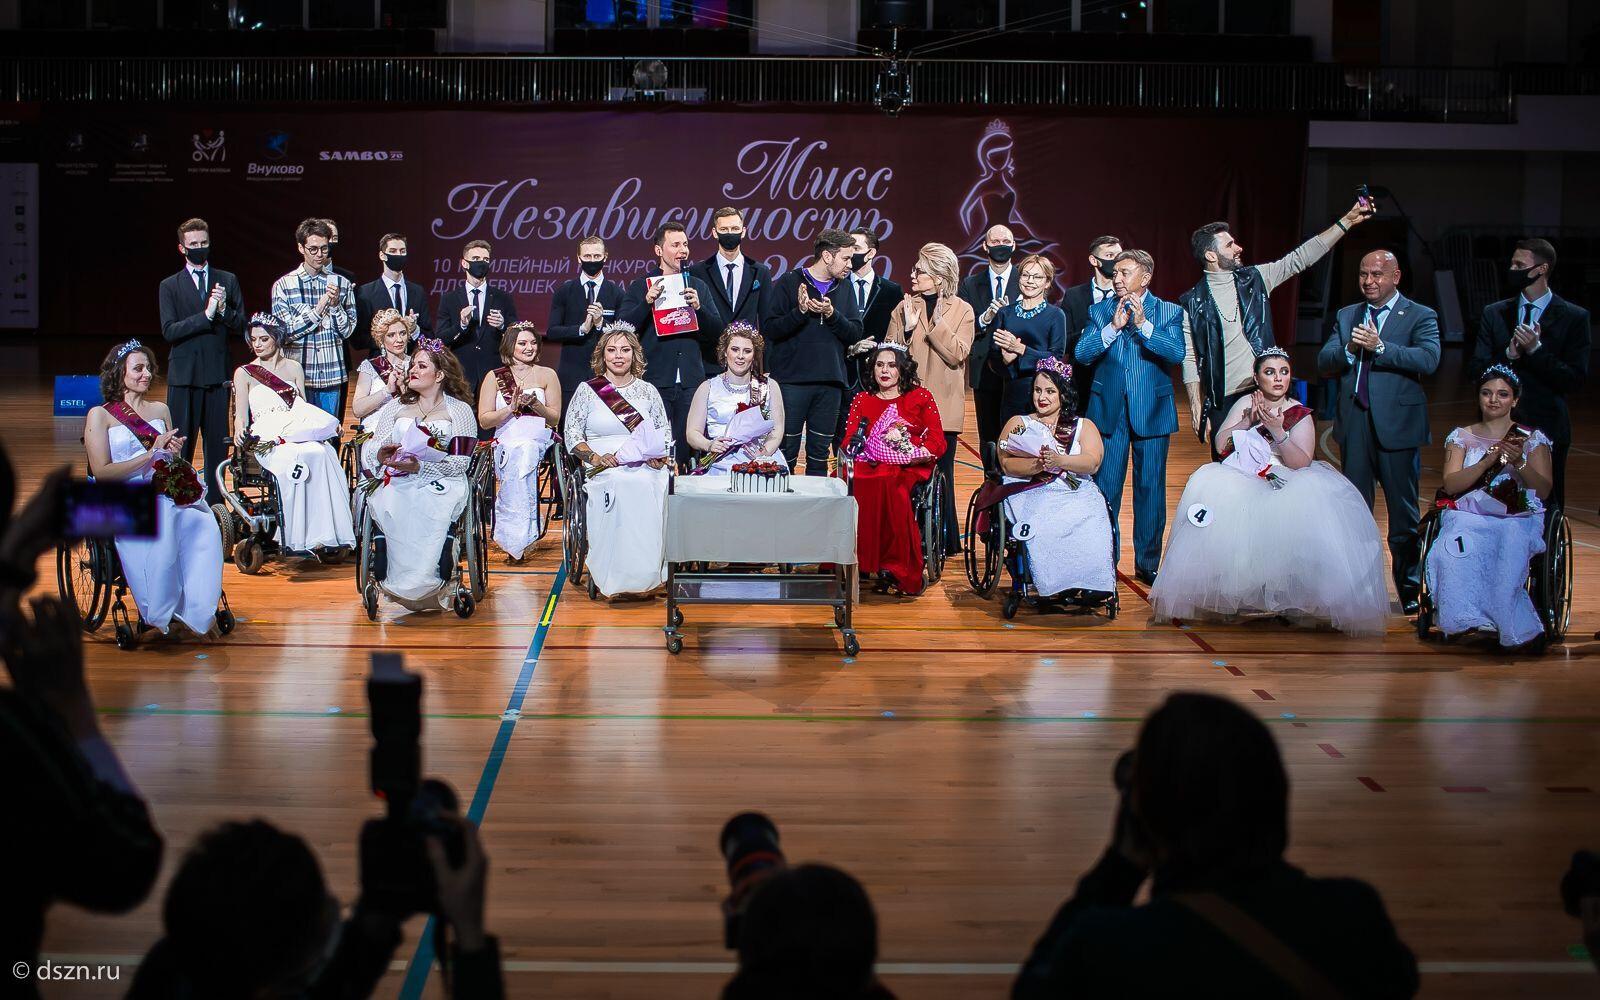 В Москве прошел юбилейный конкурс красоты среди девушек с инвалидностью «Мисс Независимость — 2020»